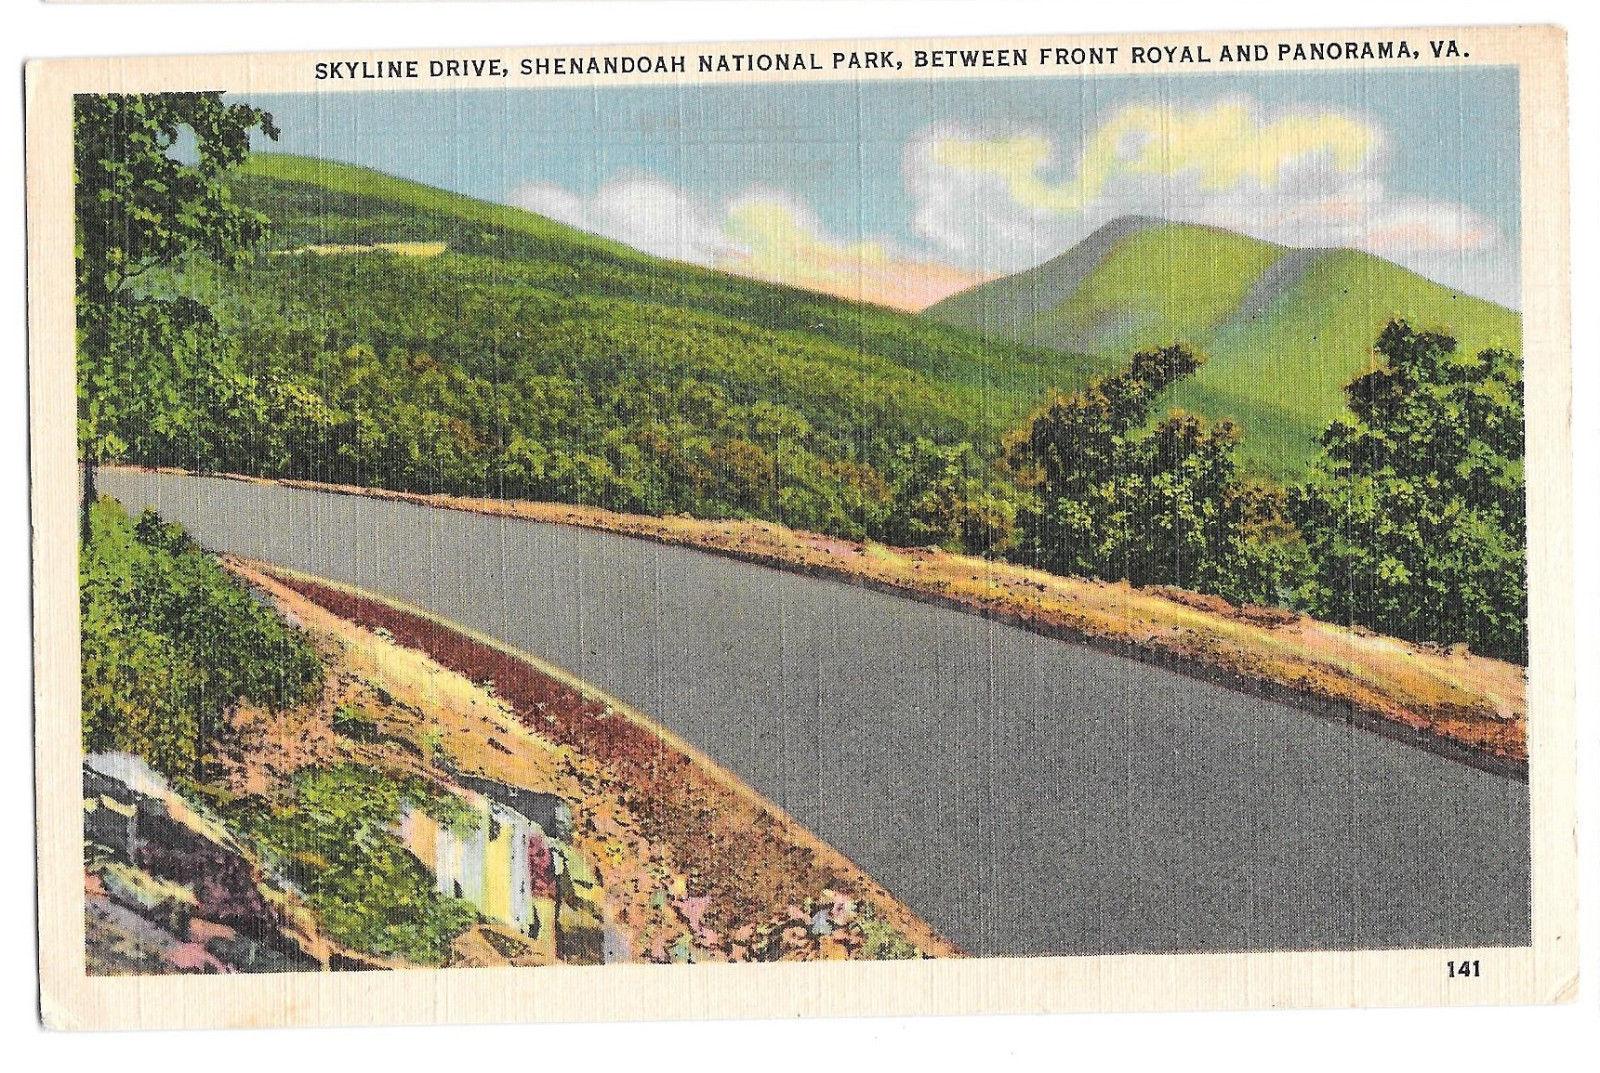 VA Skyline Drive Shenandoah National Park Front Royal Vtg Linen Postcard